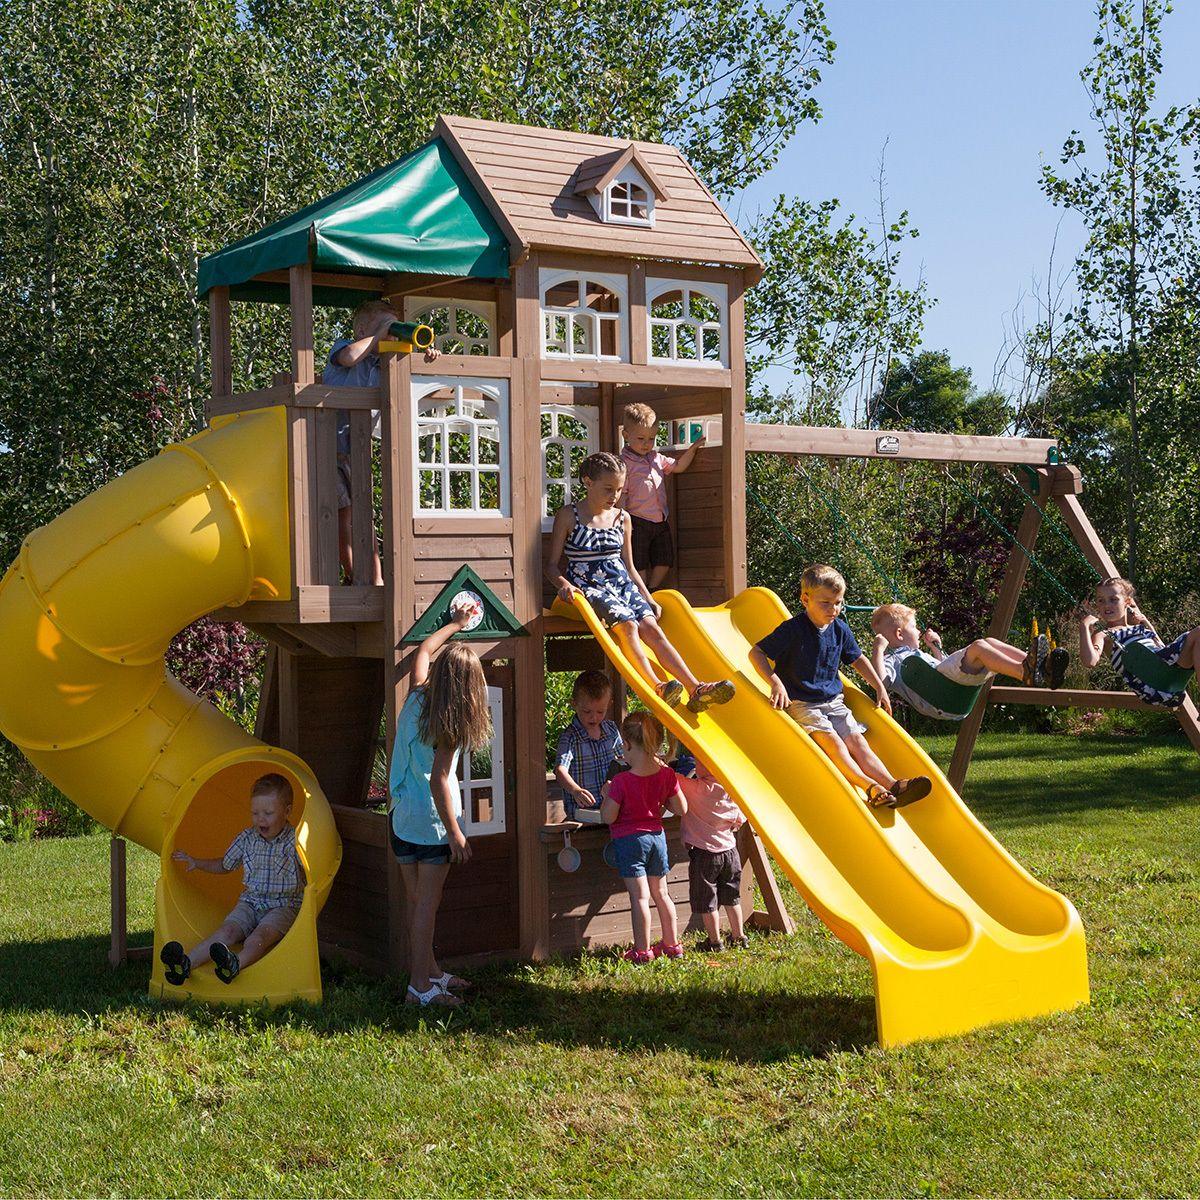 Cedar Summit Centro De Juegos Para Niños Costco Mexico Parque Infantil Al Aire Libre Juegos Para Niños Juegos Para Jardin